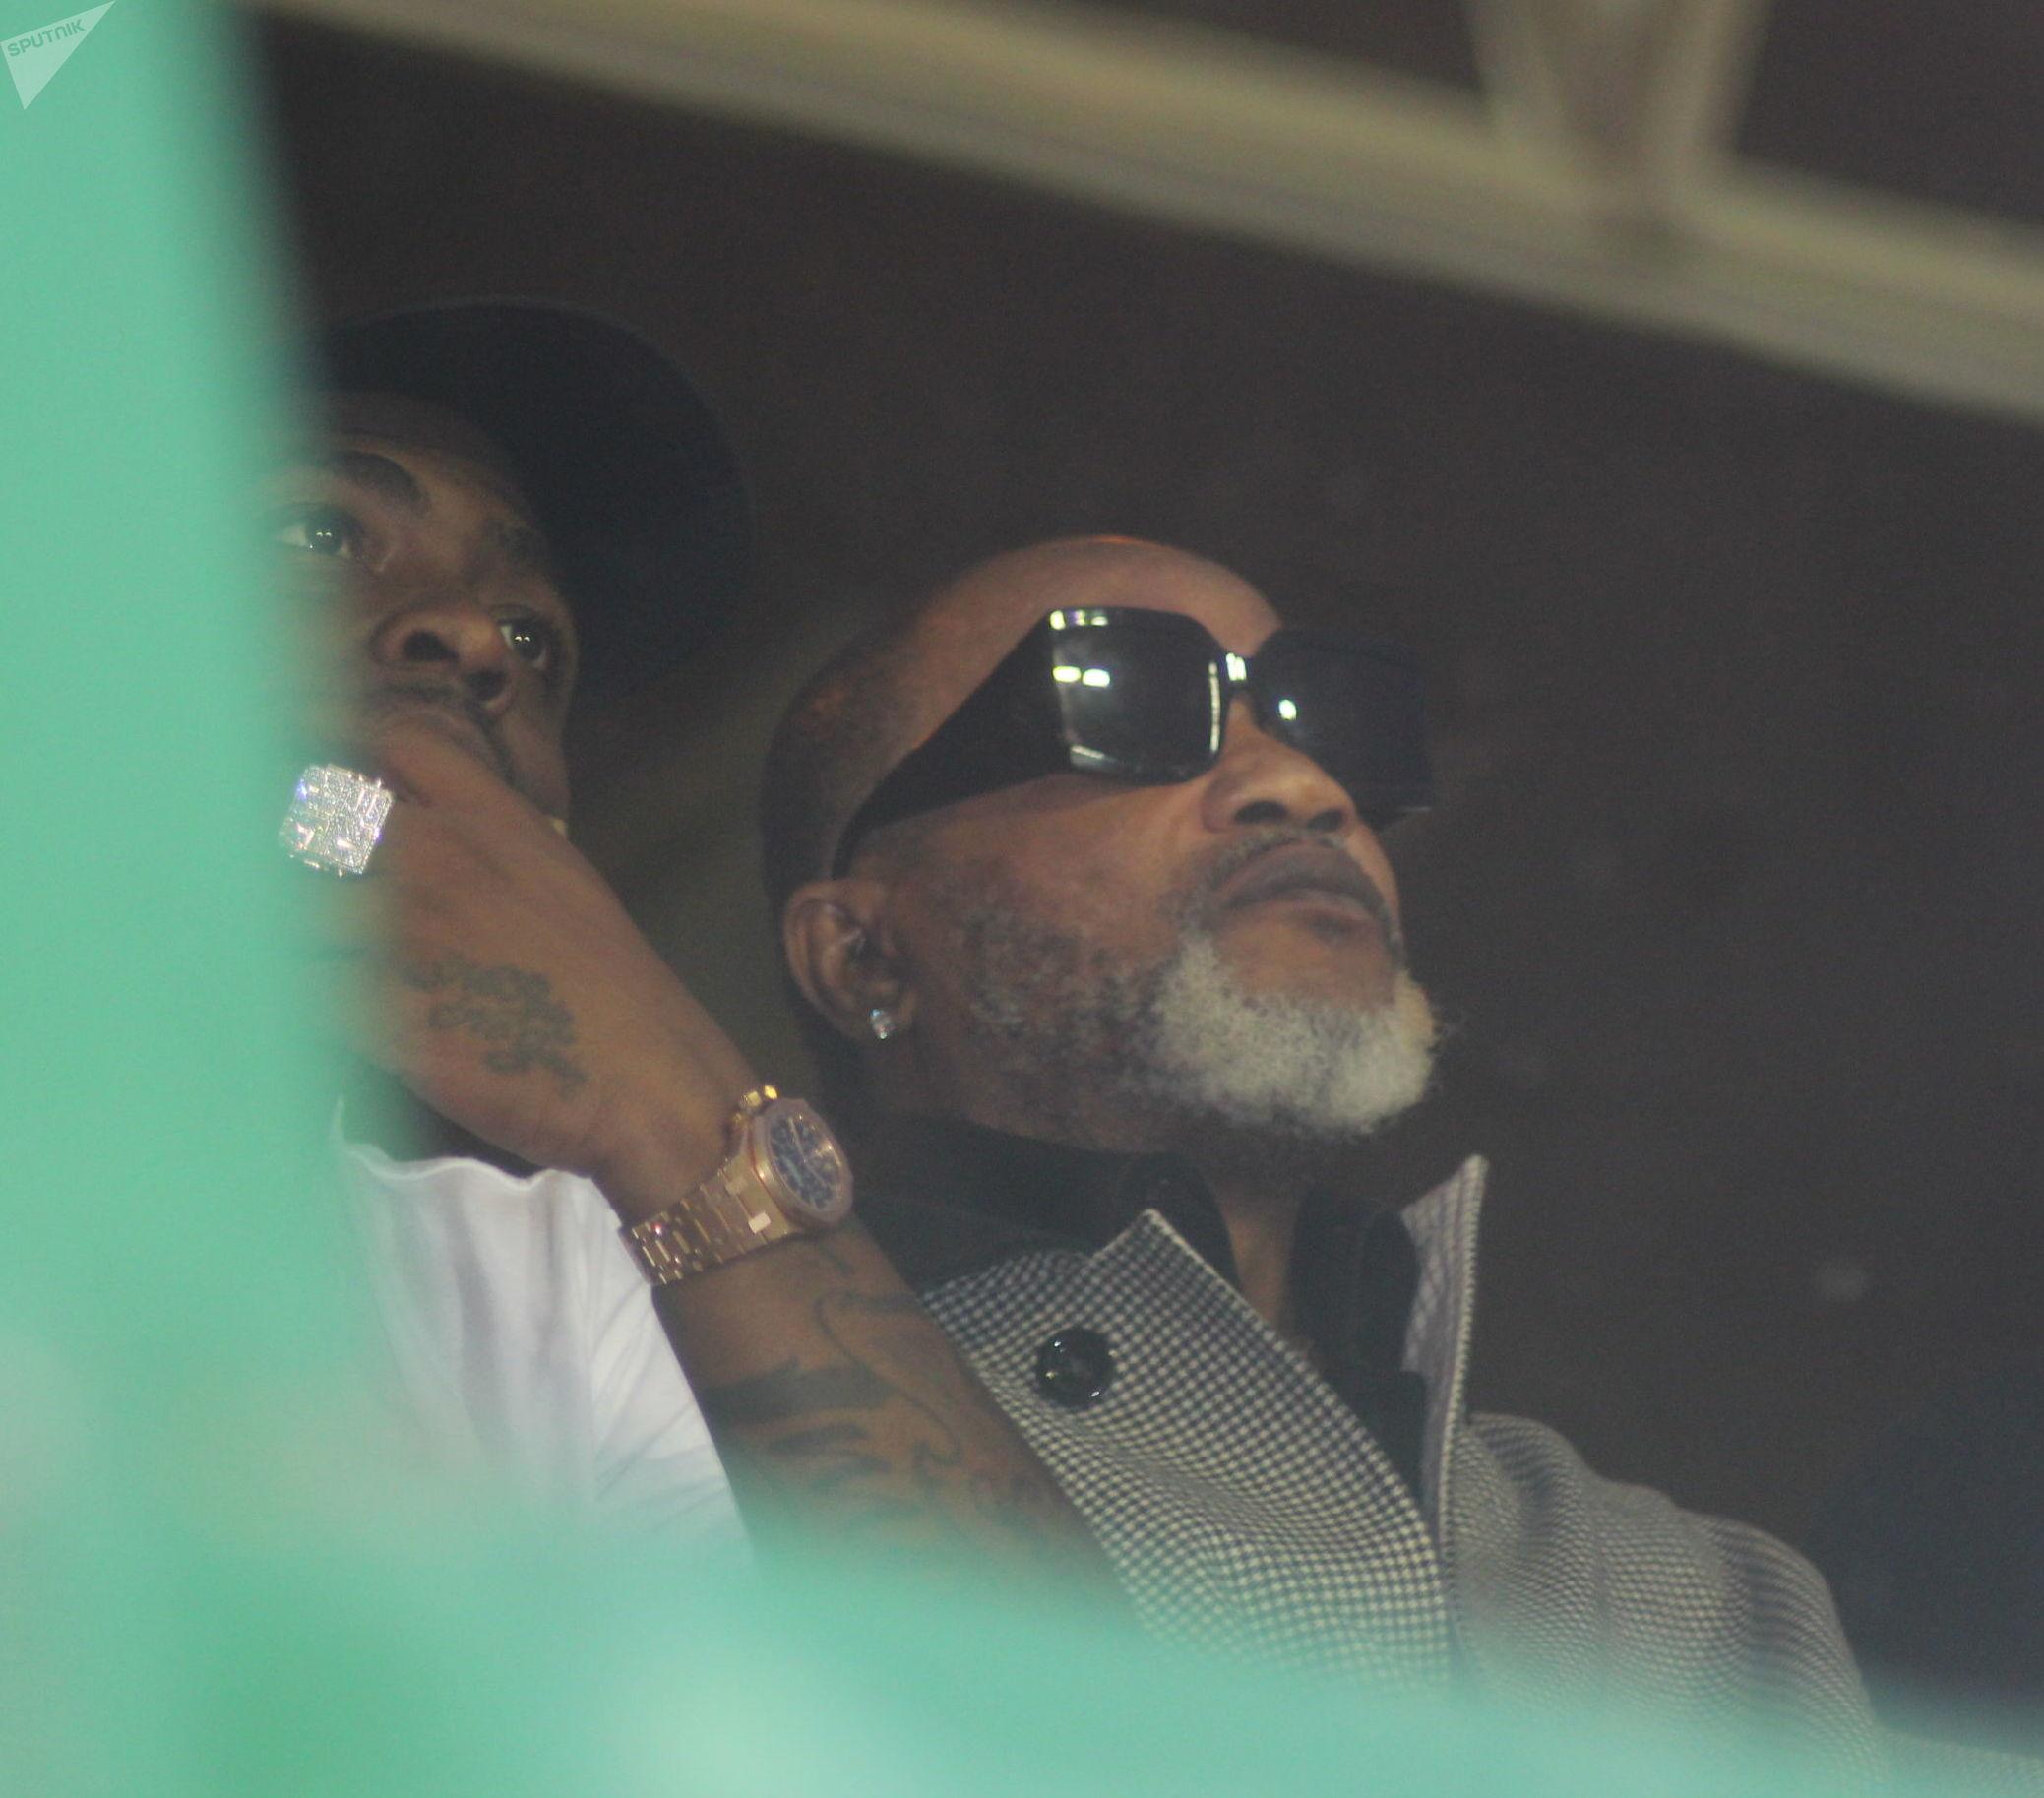 Les stars de la musique congolaise Kofi Olomidé (en lunettes de soleil), et nigériane Davido, assises côte à côte peu avant la présentation de la dépouille de DJ Arafat.